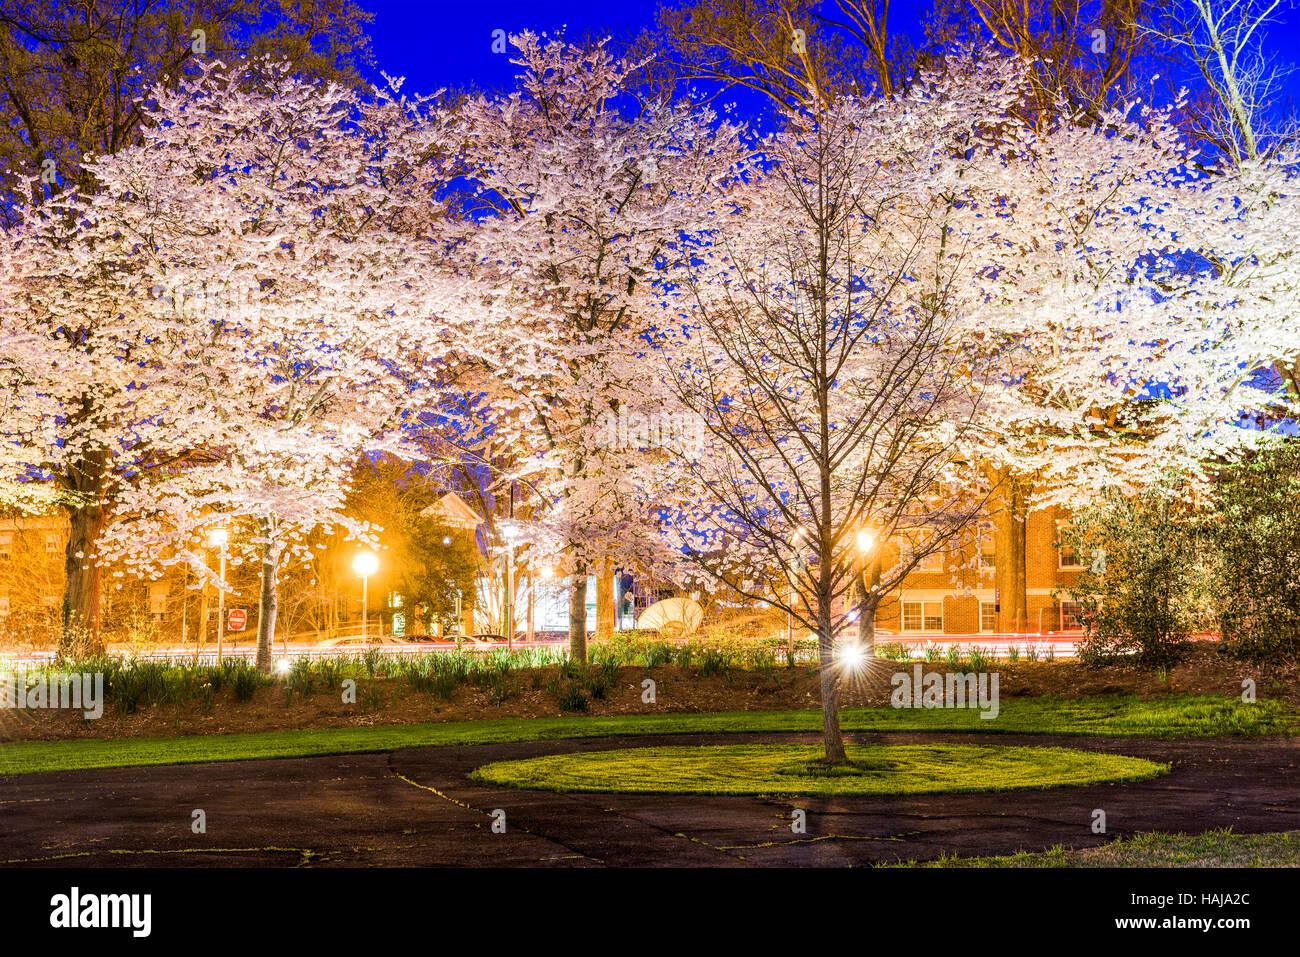 Feuillage de printemps les fleurs de cerisier dans la nuit à Athènes, GA, USA. Photo Stock